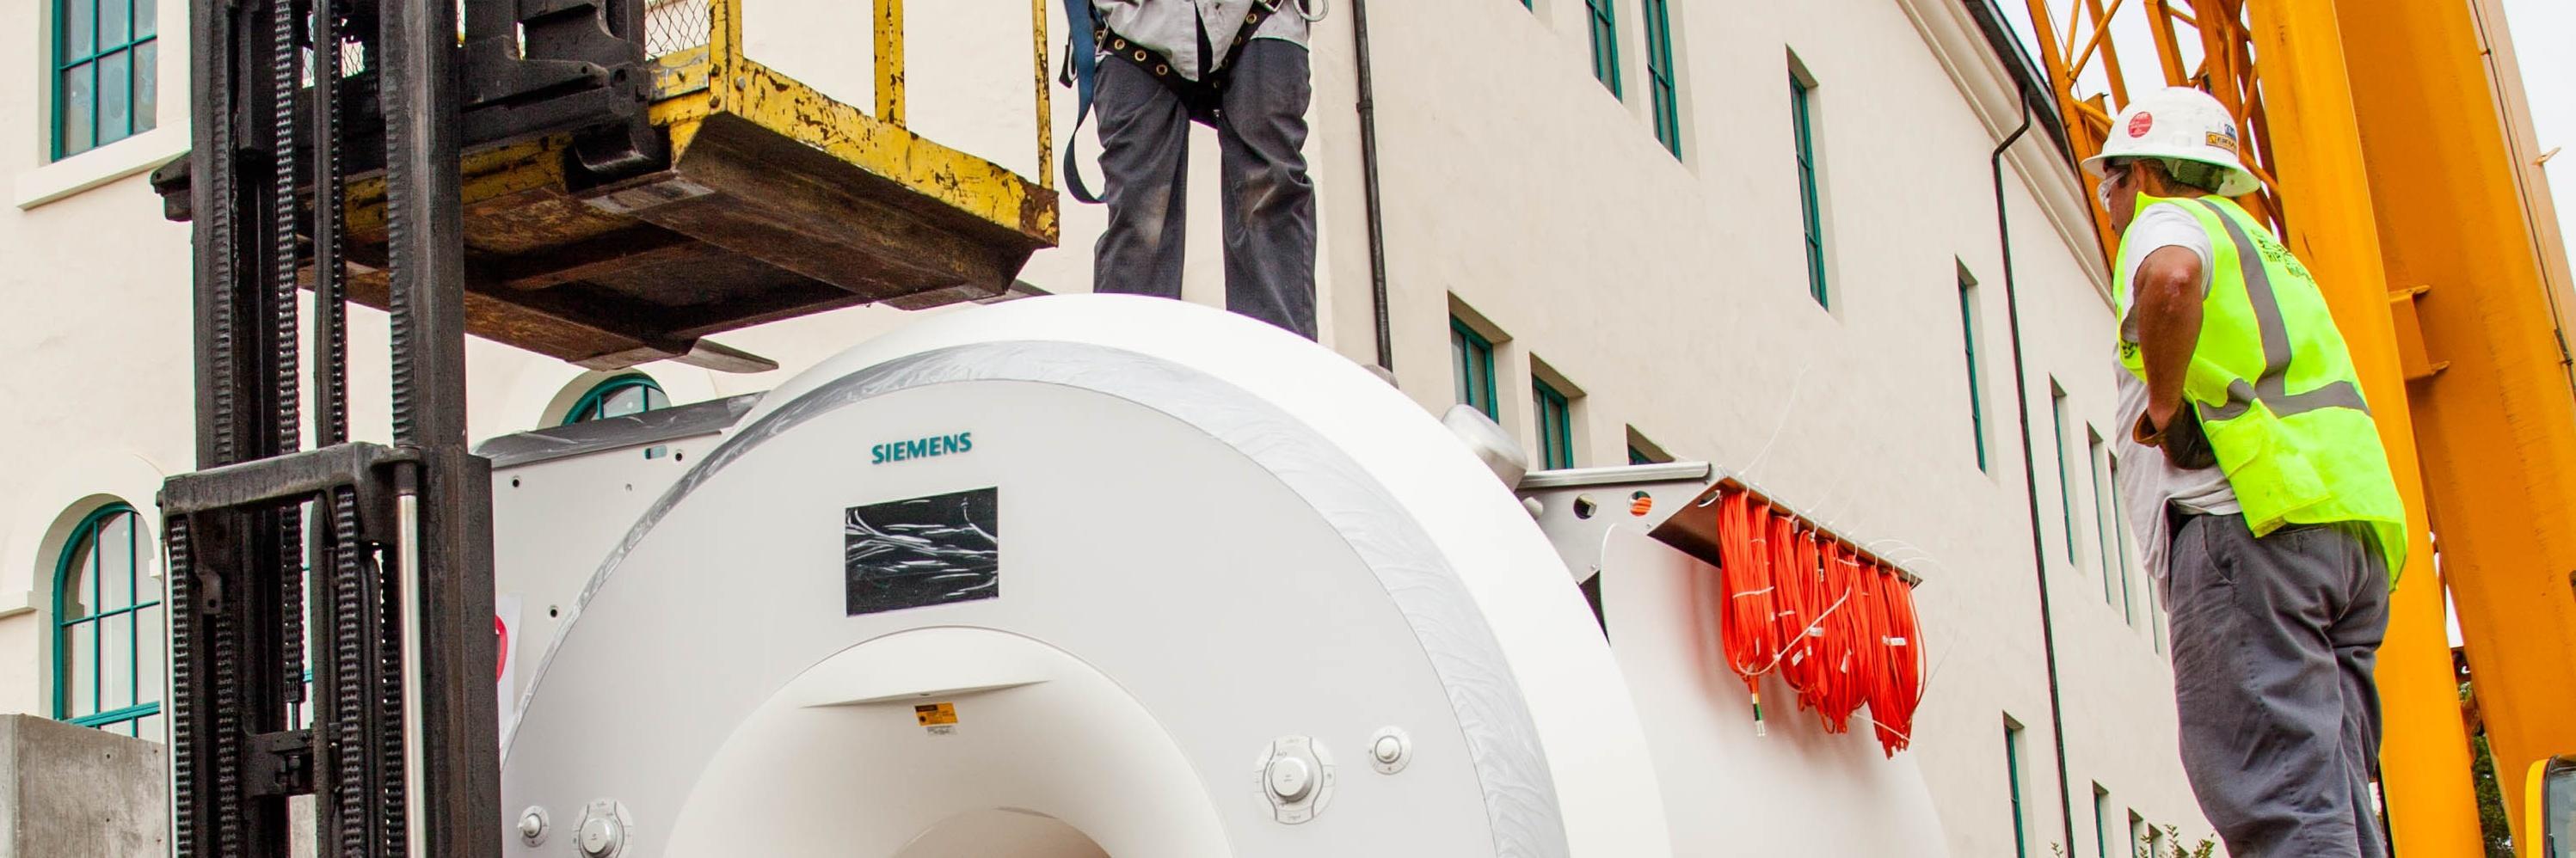 MRI machine.